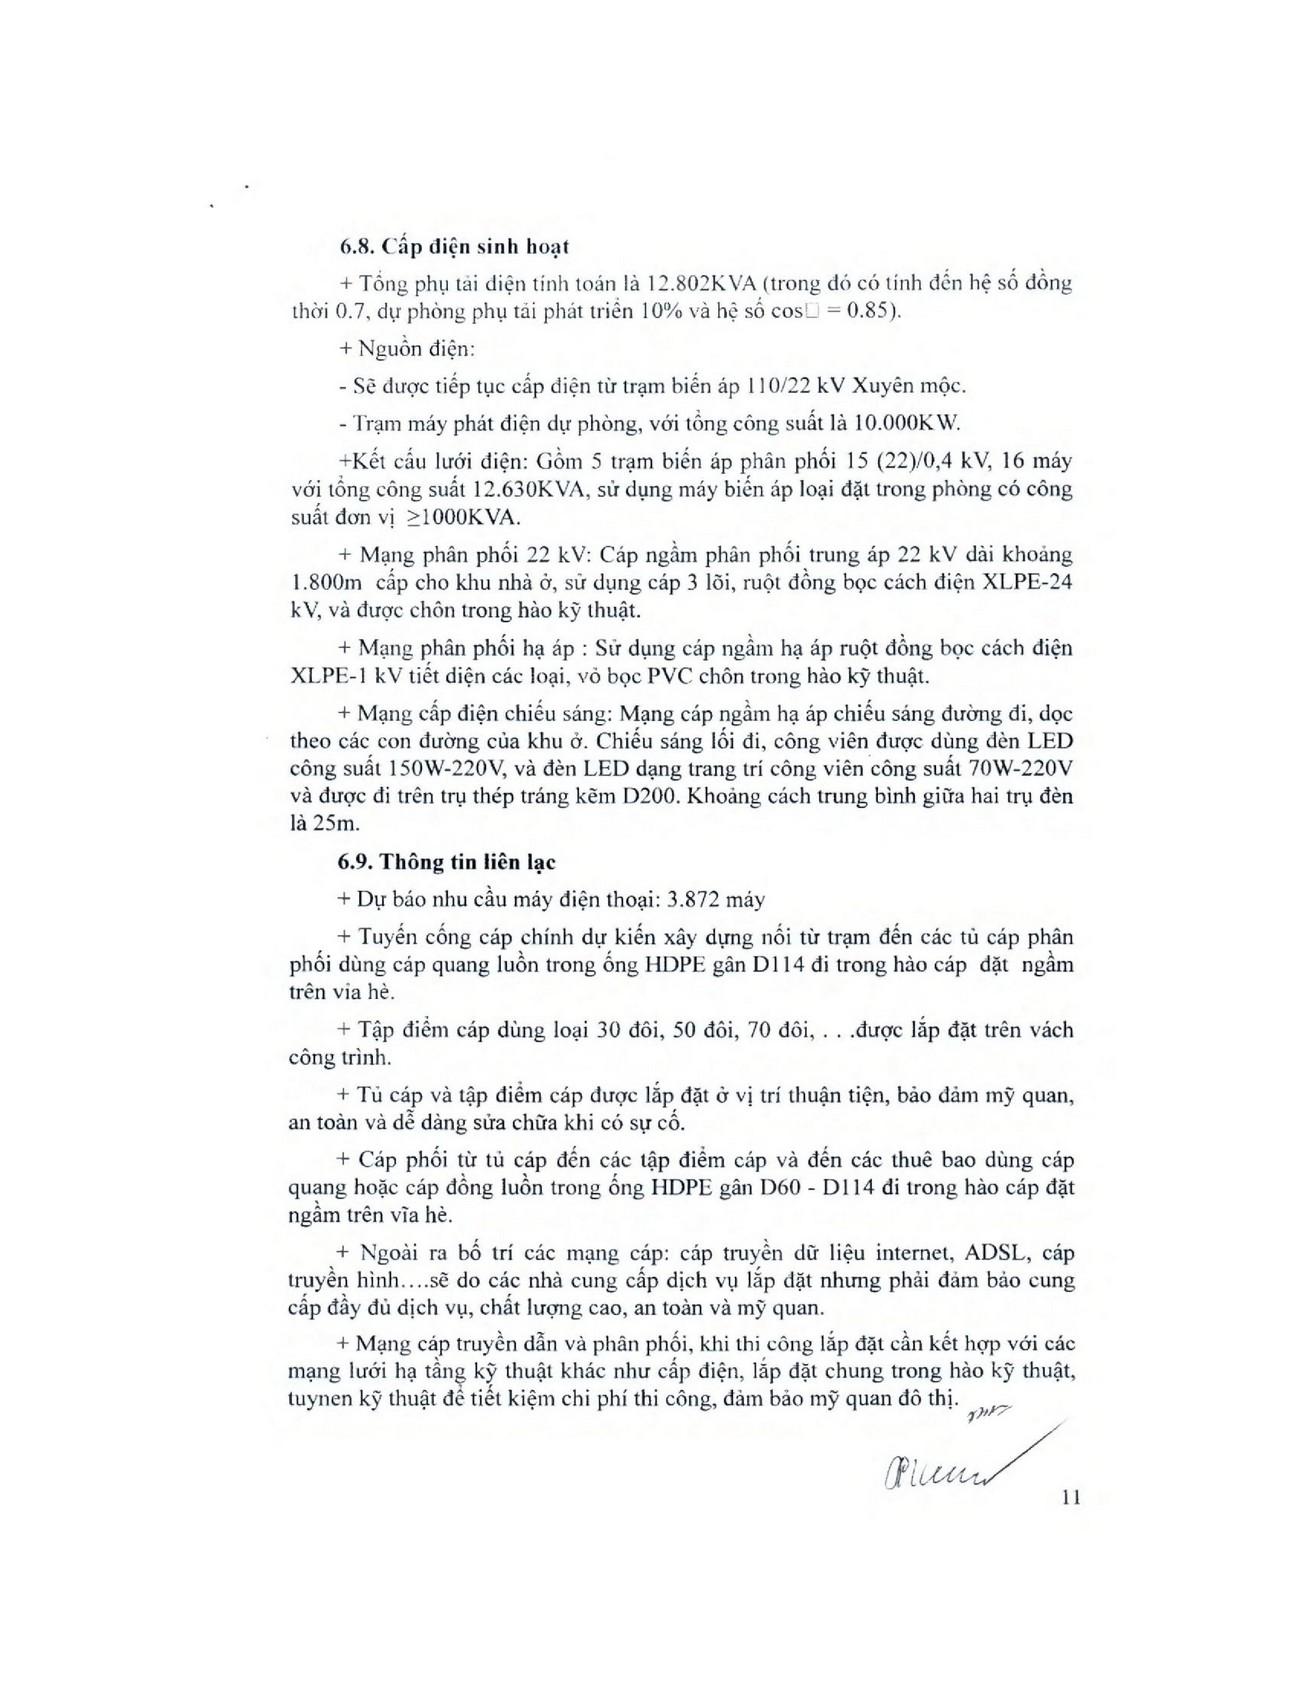 Pháp lý dự án căn hộ Hồ Tràm Pearl Hưng Thịnh: Phê duyệt quy hoạch 1/500